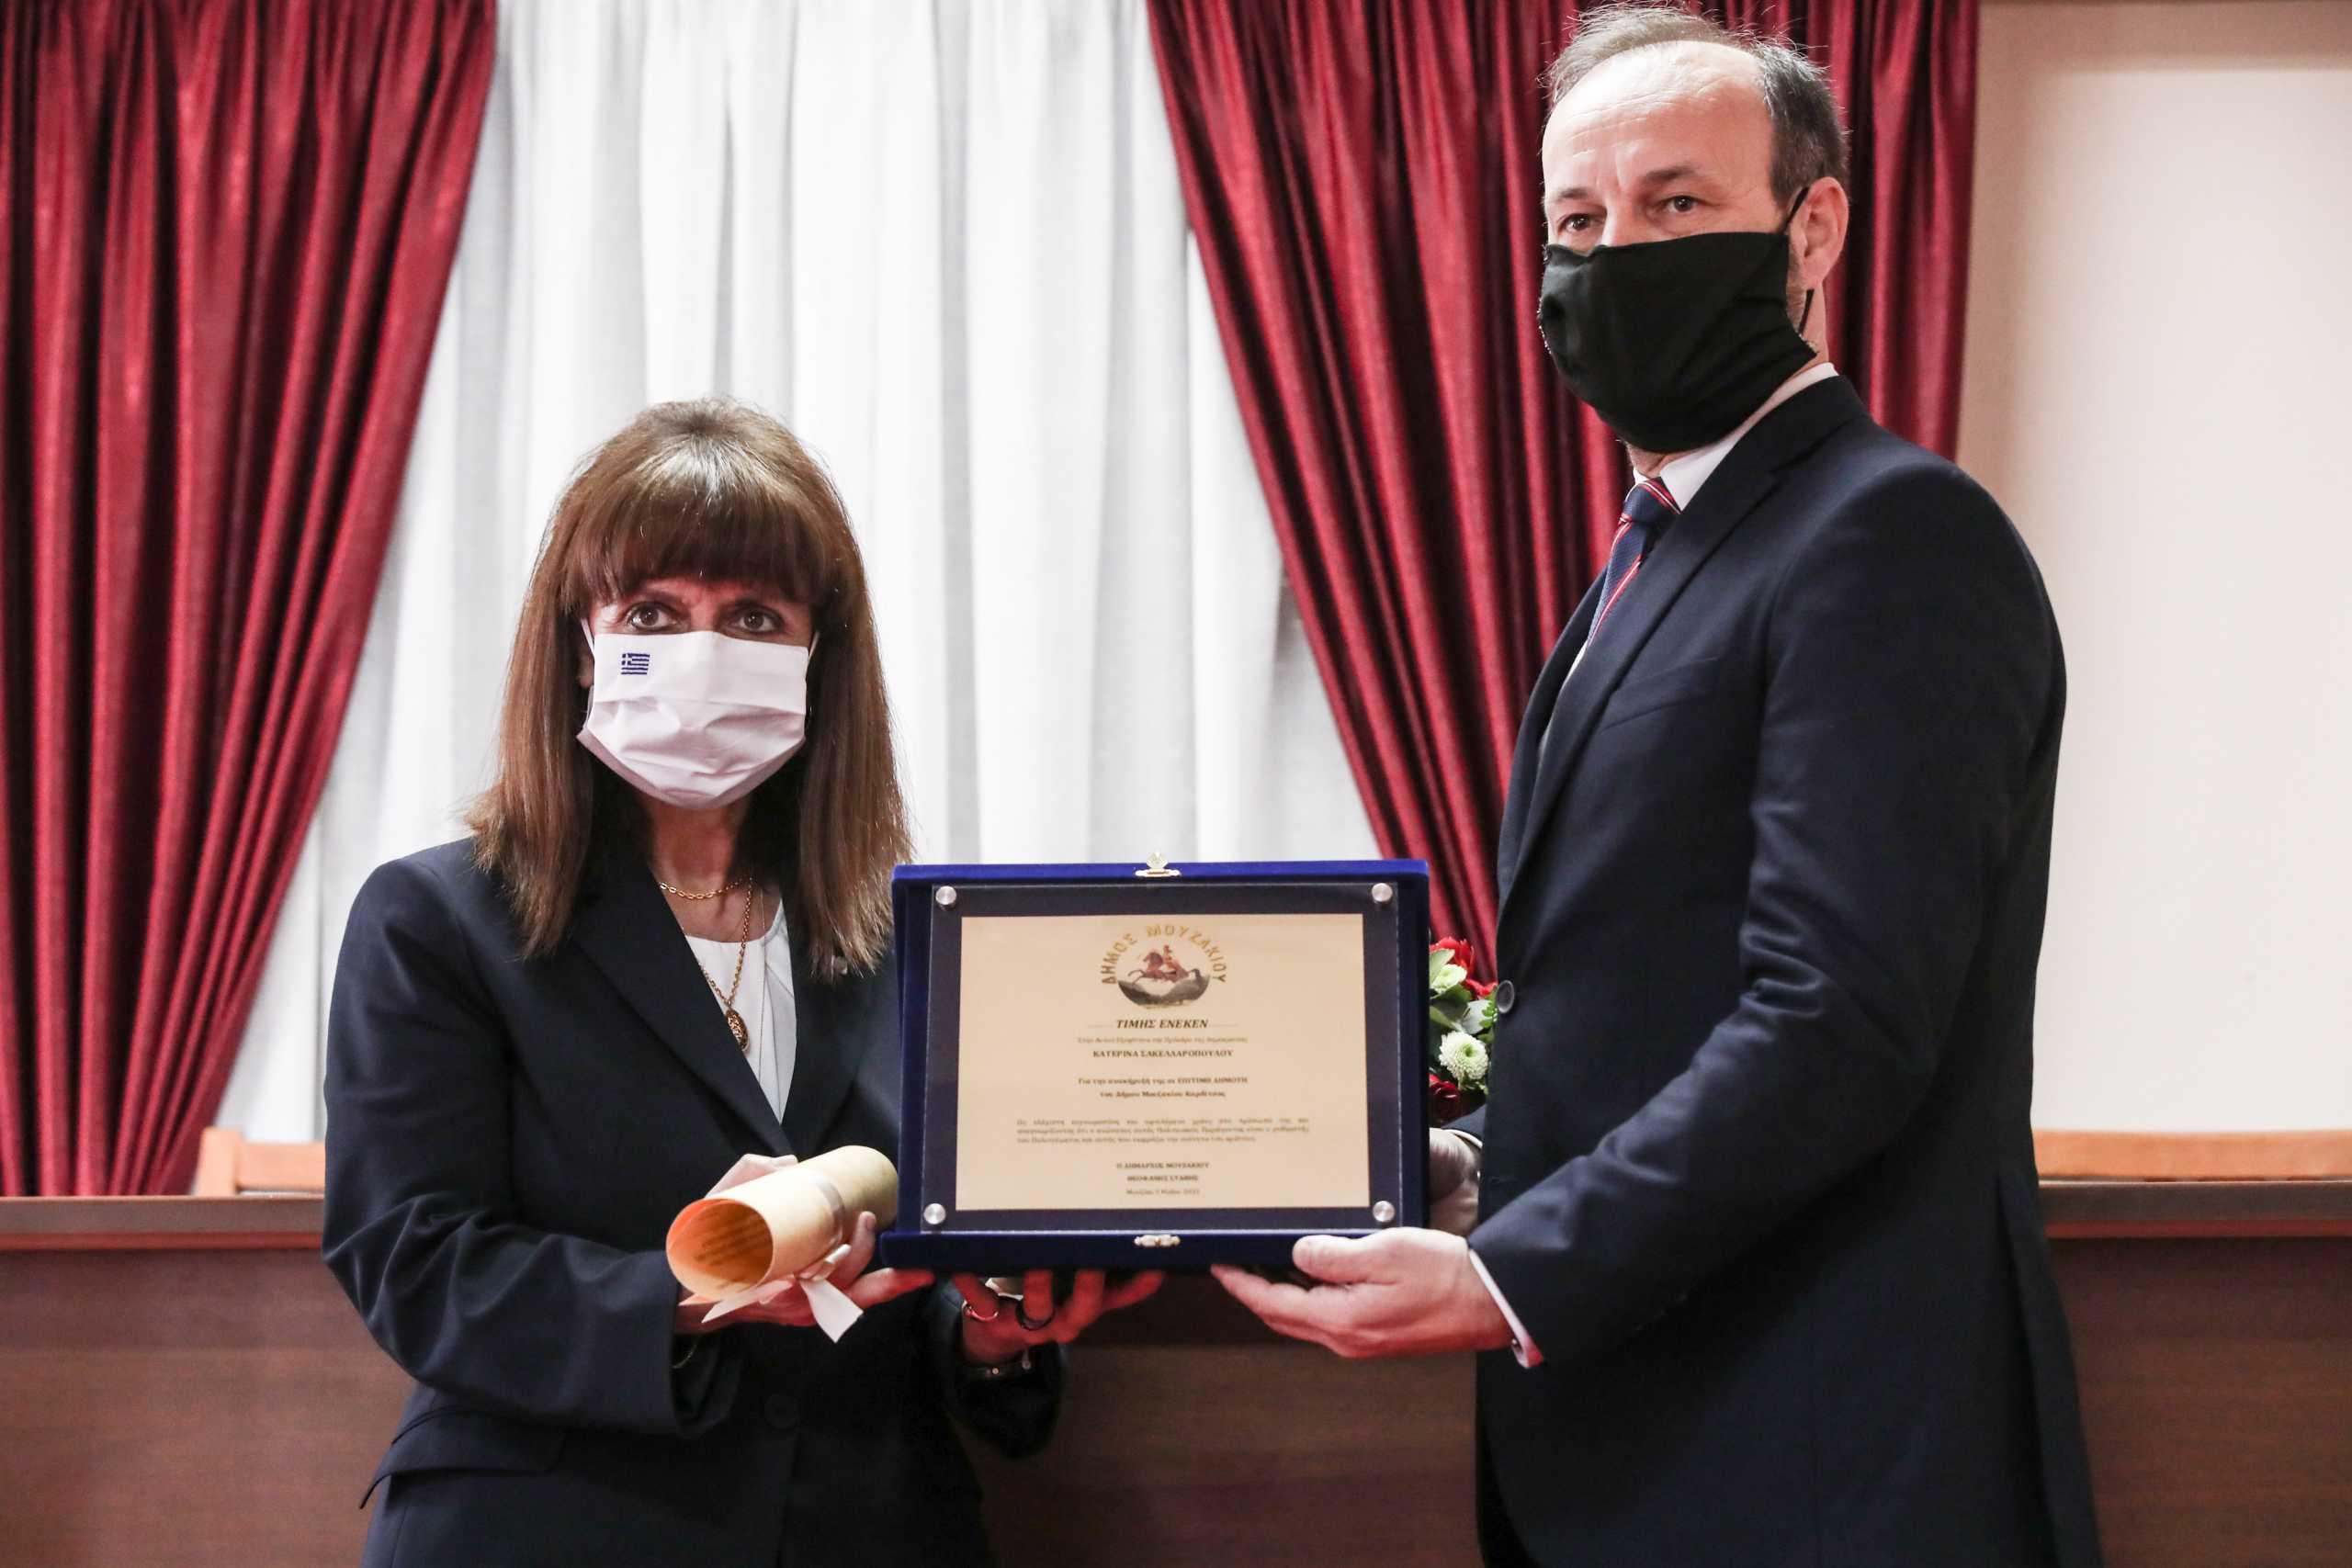 Καρδίτσα: Ανακήρυξη της Κατερίνας Σακελλαροπούλου σε επίτιμη δημότη του Δήμου Μουζακίου